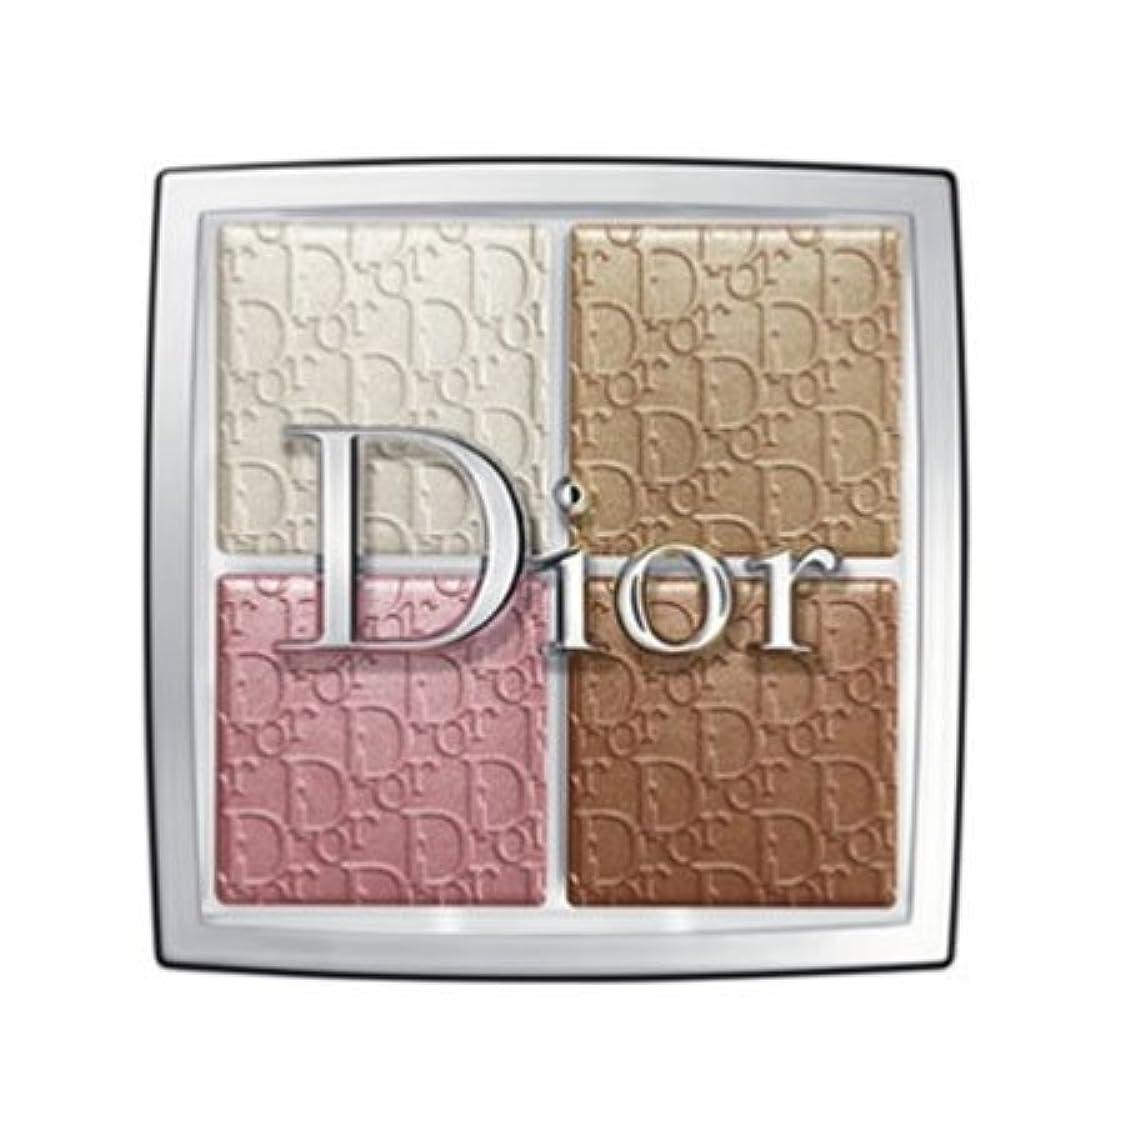 ピボットメンタル欠陥ディオール バックステージ フェイス グロウ パレット -Dior-